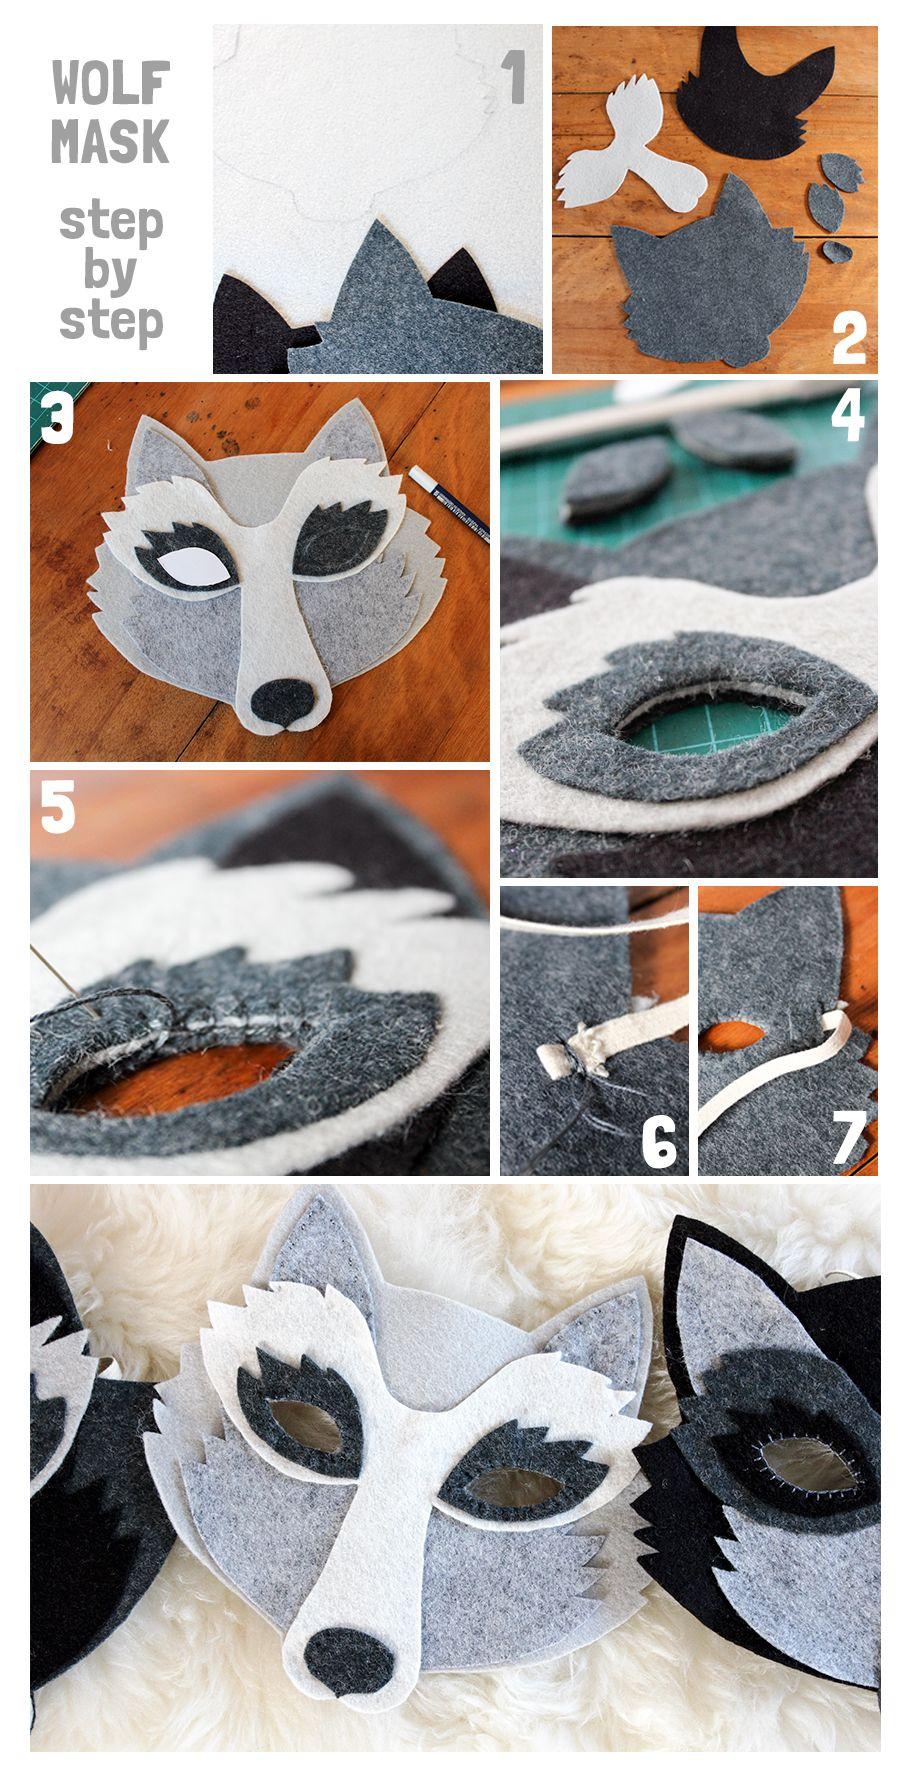 Diy wolf mask tutorial wool felt wolf mask oh my handmade diy wolf mask tutorial wool felt wolf mask oh my handmade solutioingenieria Choice Image